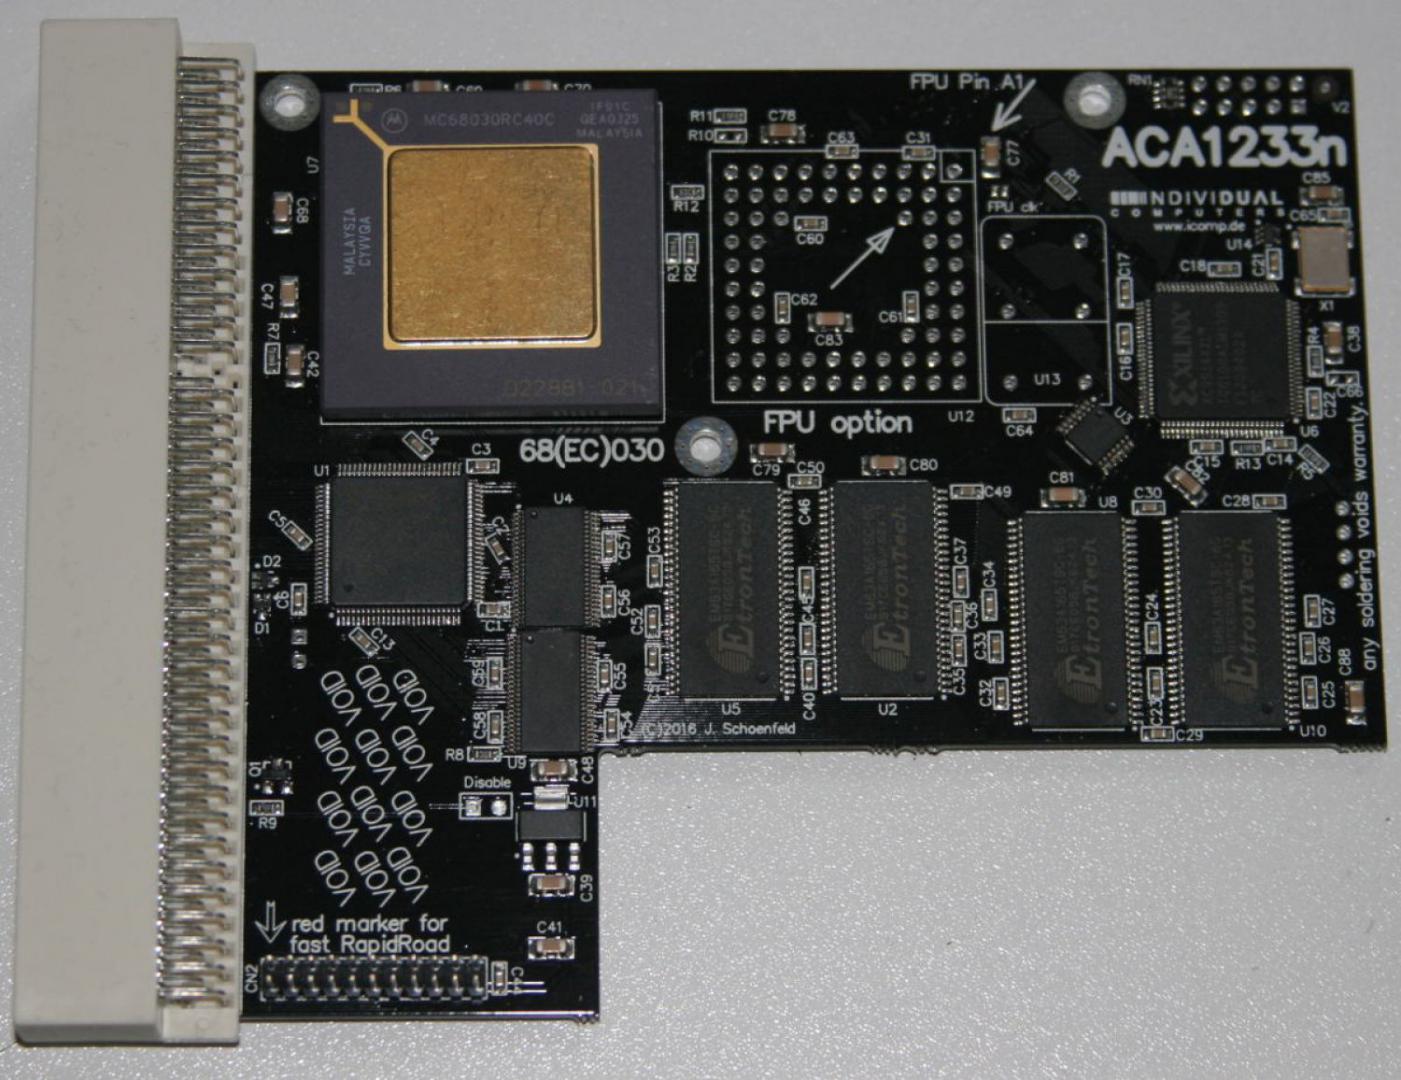 Klikněte na obrázek pro zobrazení větší verze  Název: aca1233n-40_production_unit-b2c01165.jpg Zobrazeno: 63 Velikost: 191,4 KB ID: 9623